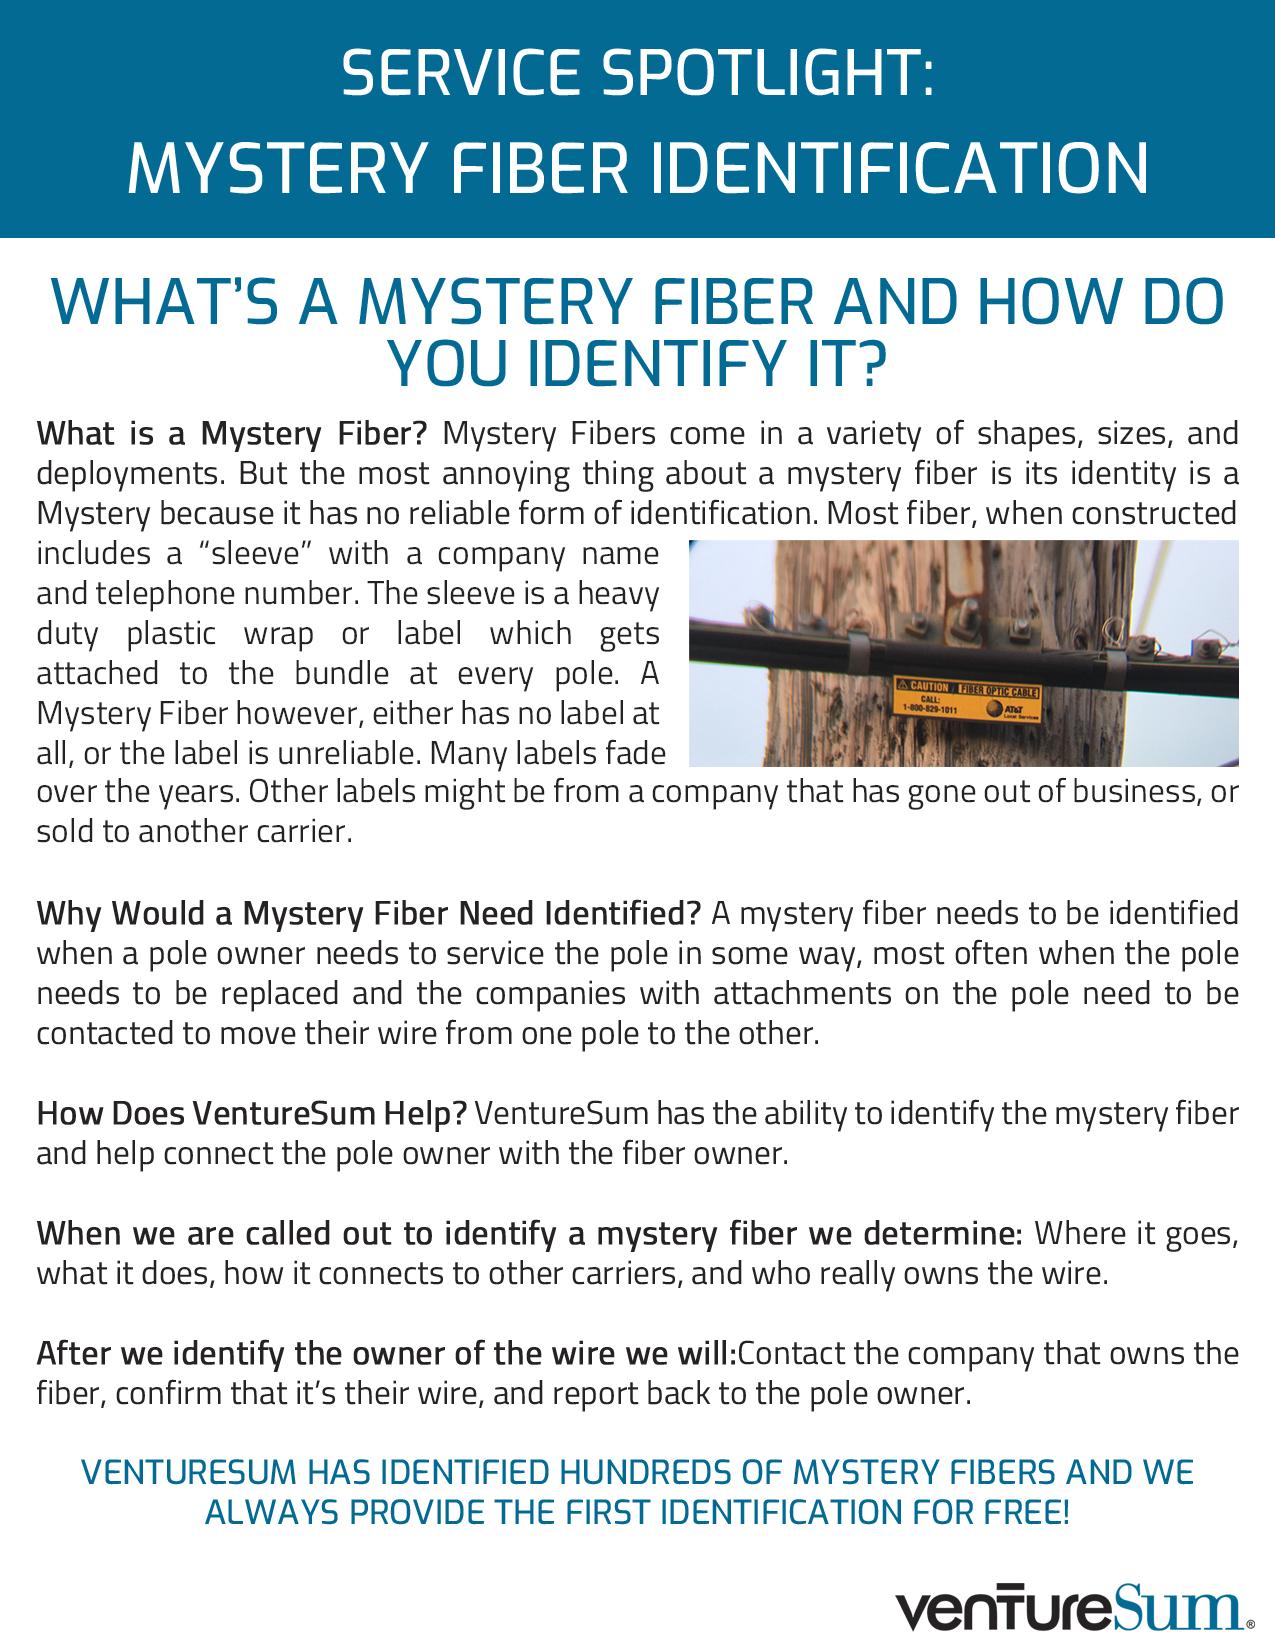 Service Spotlight: Mystery Fiber Identification